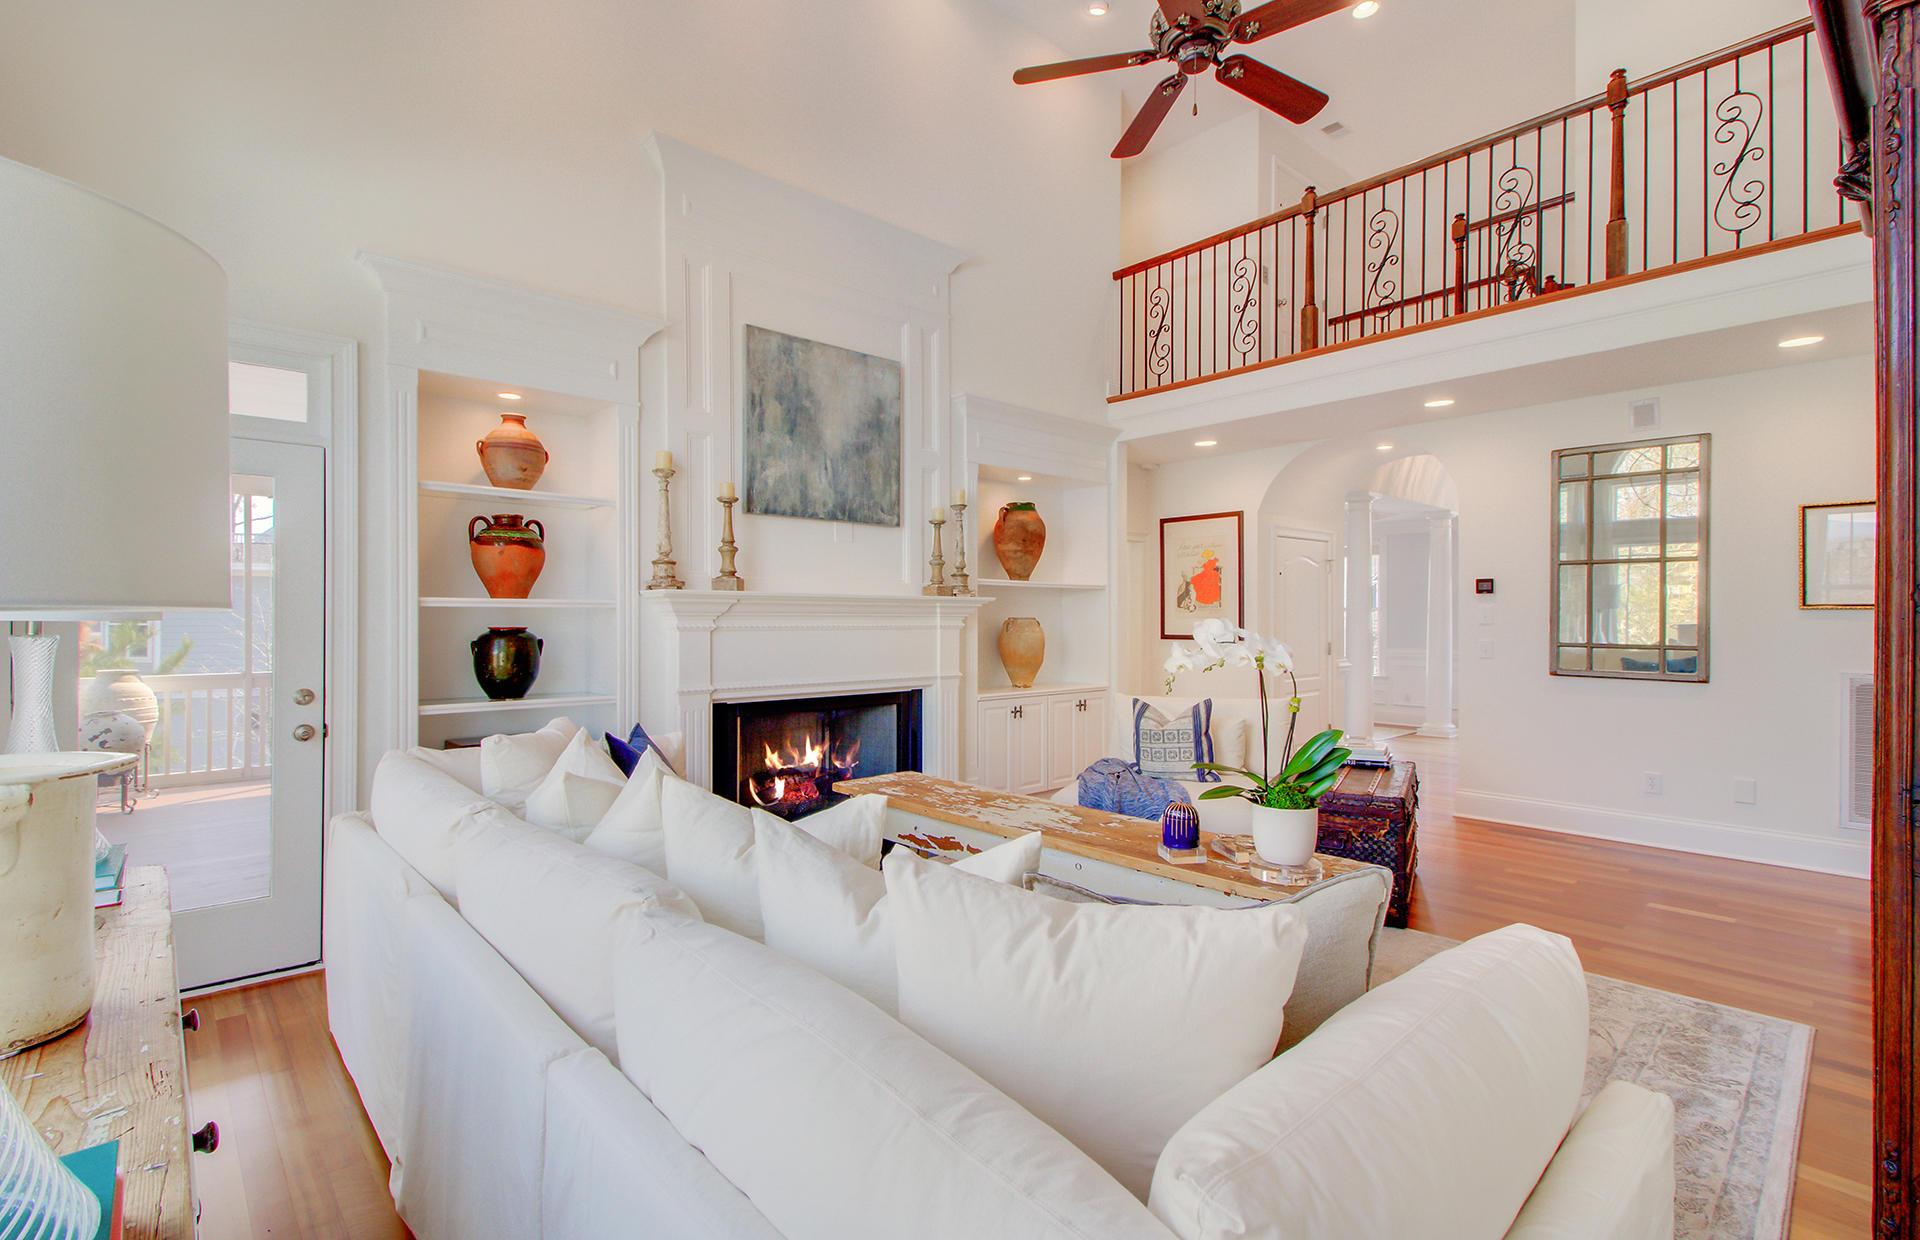 Dunes West Homes For Sale - 2913 Yachtsman, Mount Pleasant, SC - 30